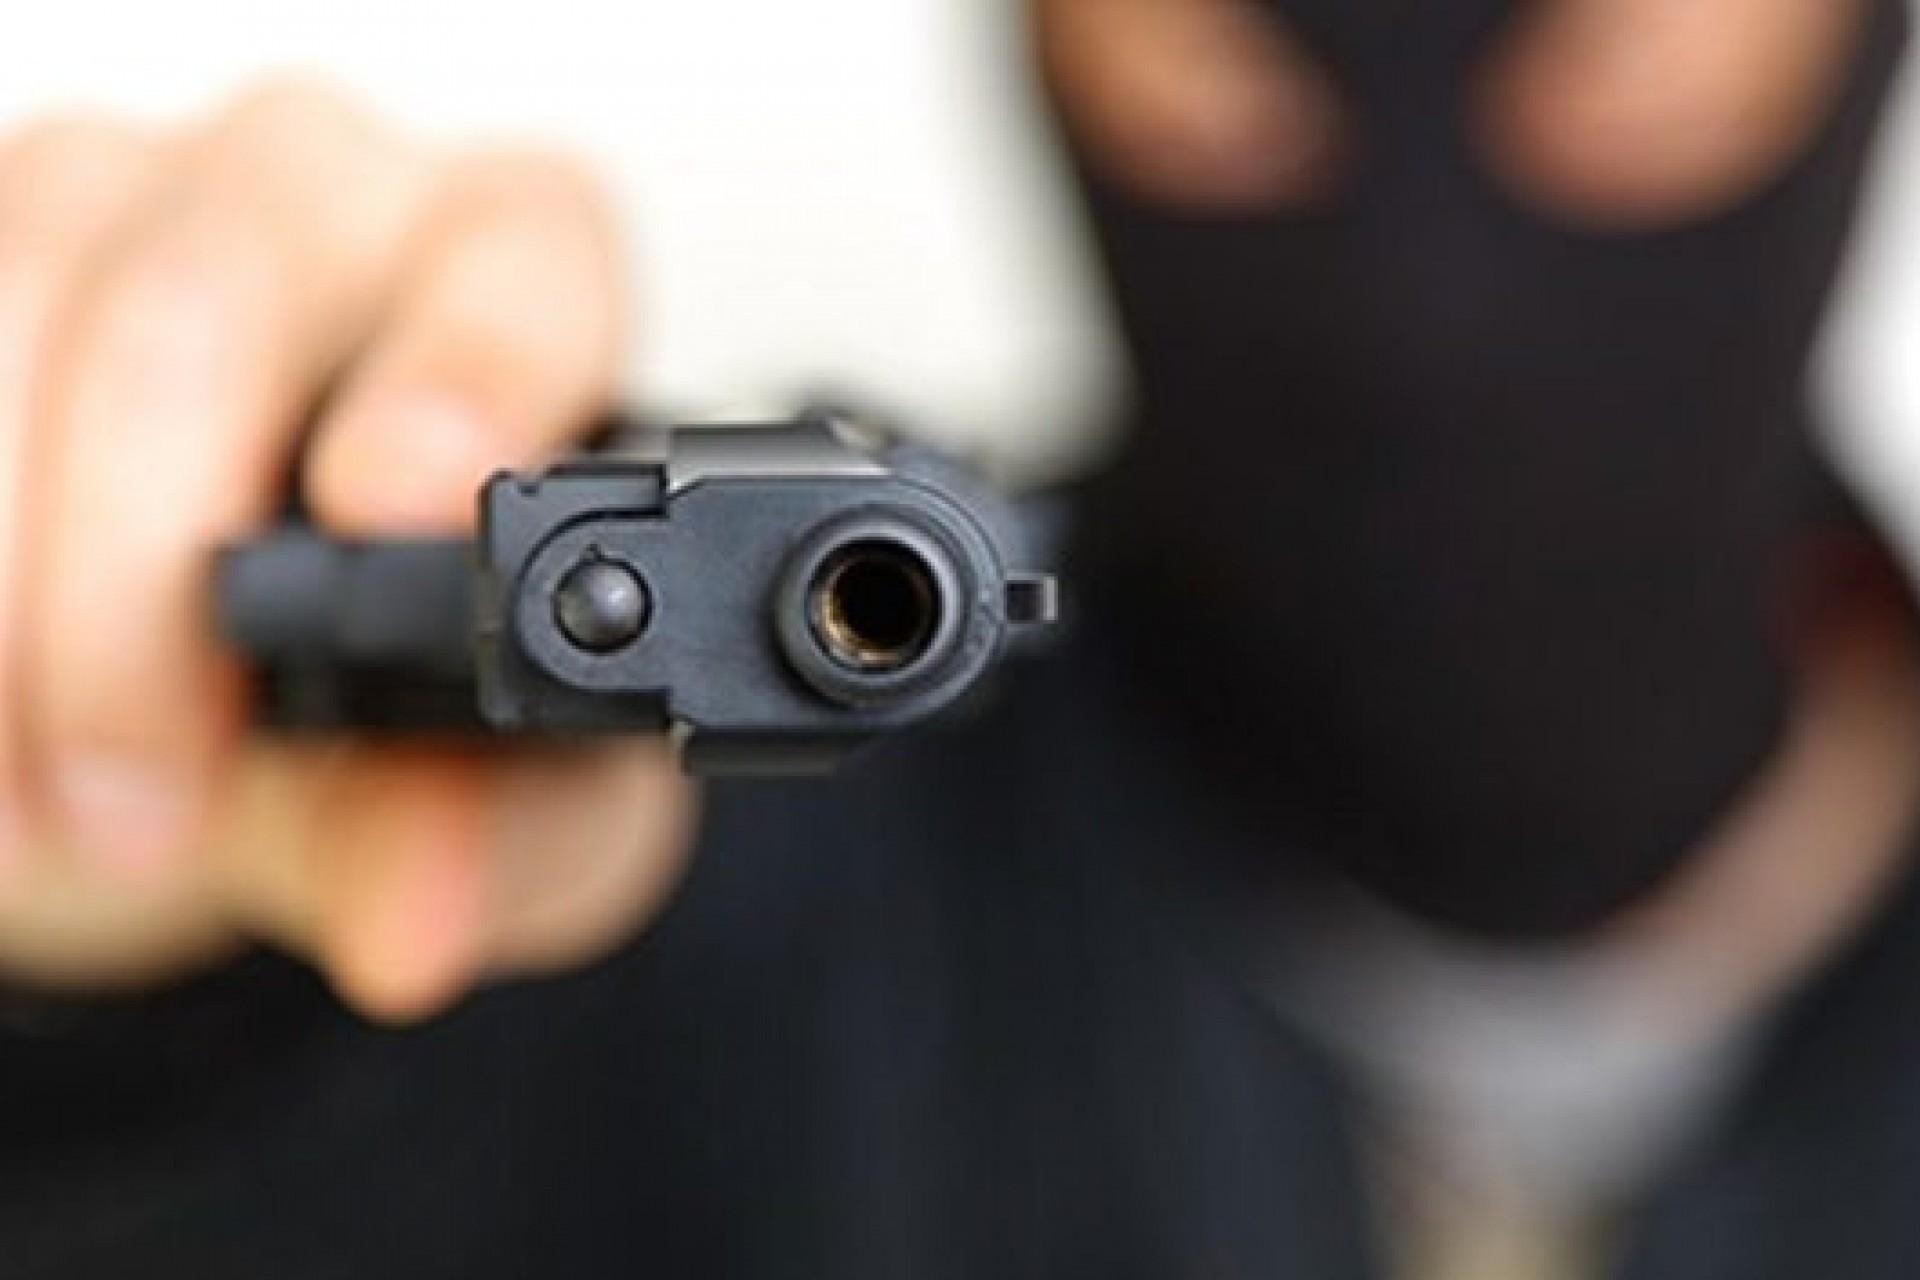 Indivíduos armados praticam roubo em bar no centro de Medianeira